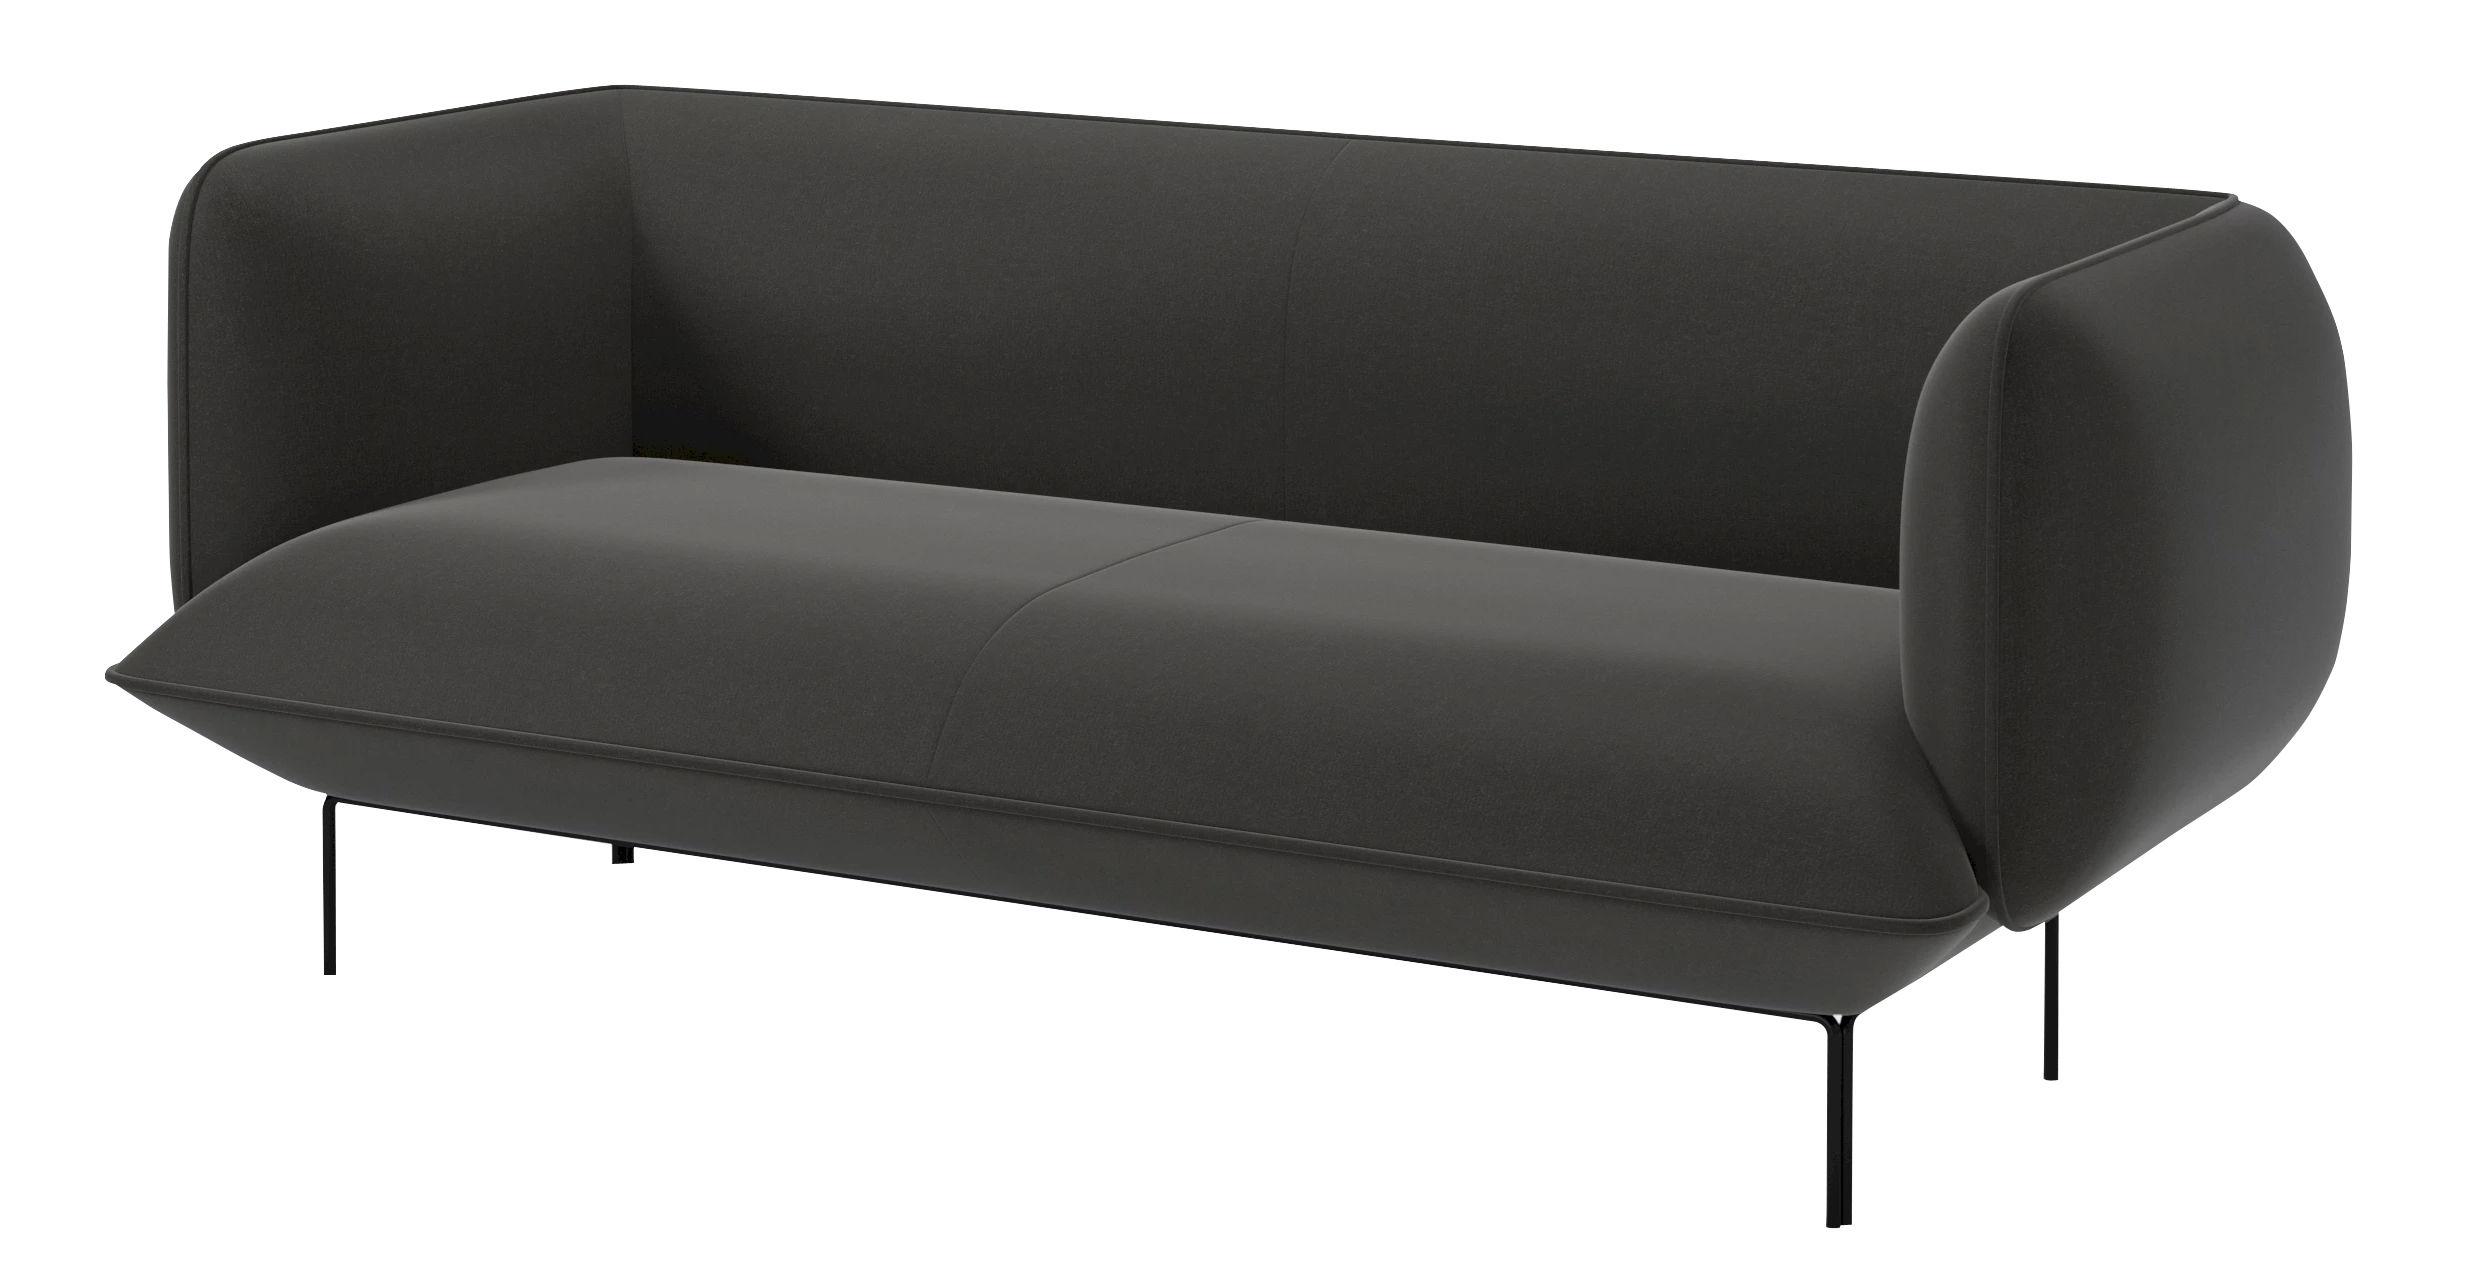 Arredamento - Divani moderni - Divano destro Cloud - 2½ posti / L 192 cm - Velluto di Bolia - Velluto / Grigio scuro - Acciaio laccato, Espanso, Velluto